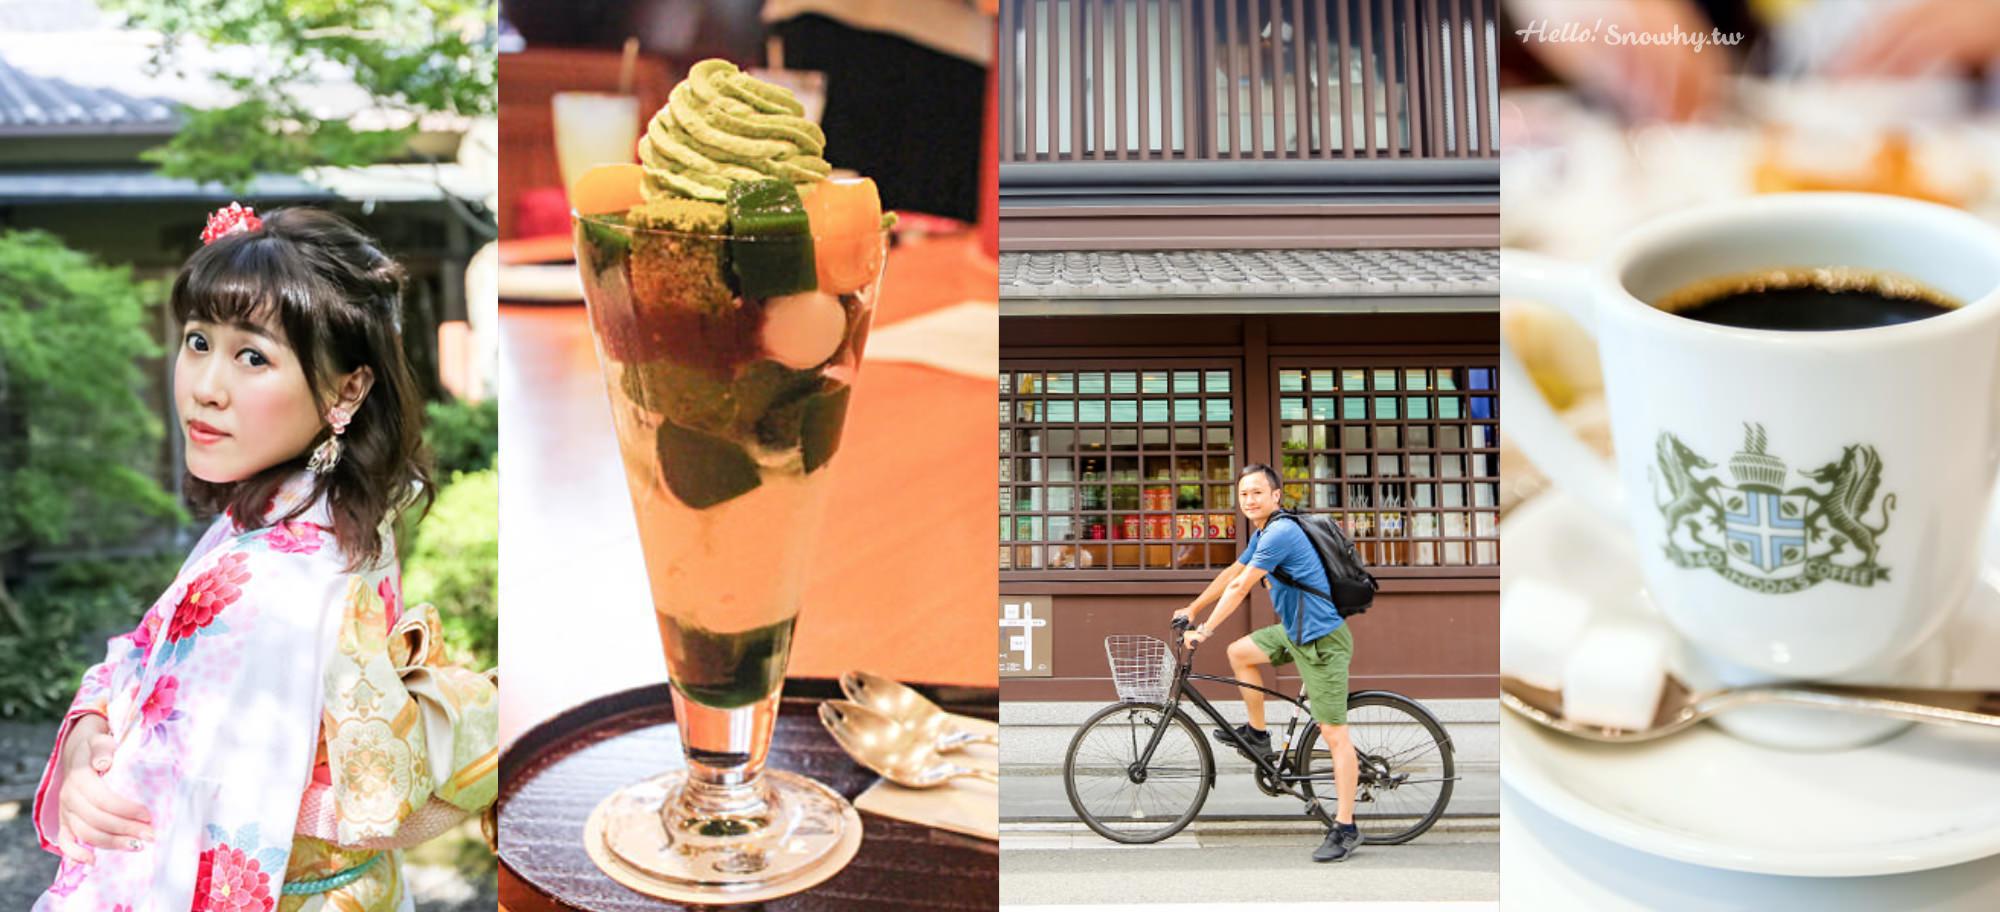 到京都必做的6件事,你錯過了什麼?